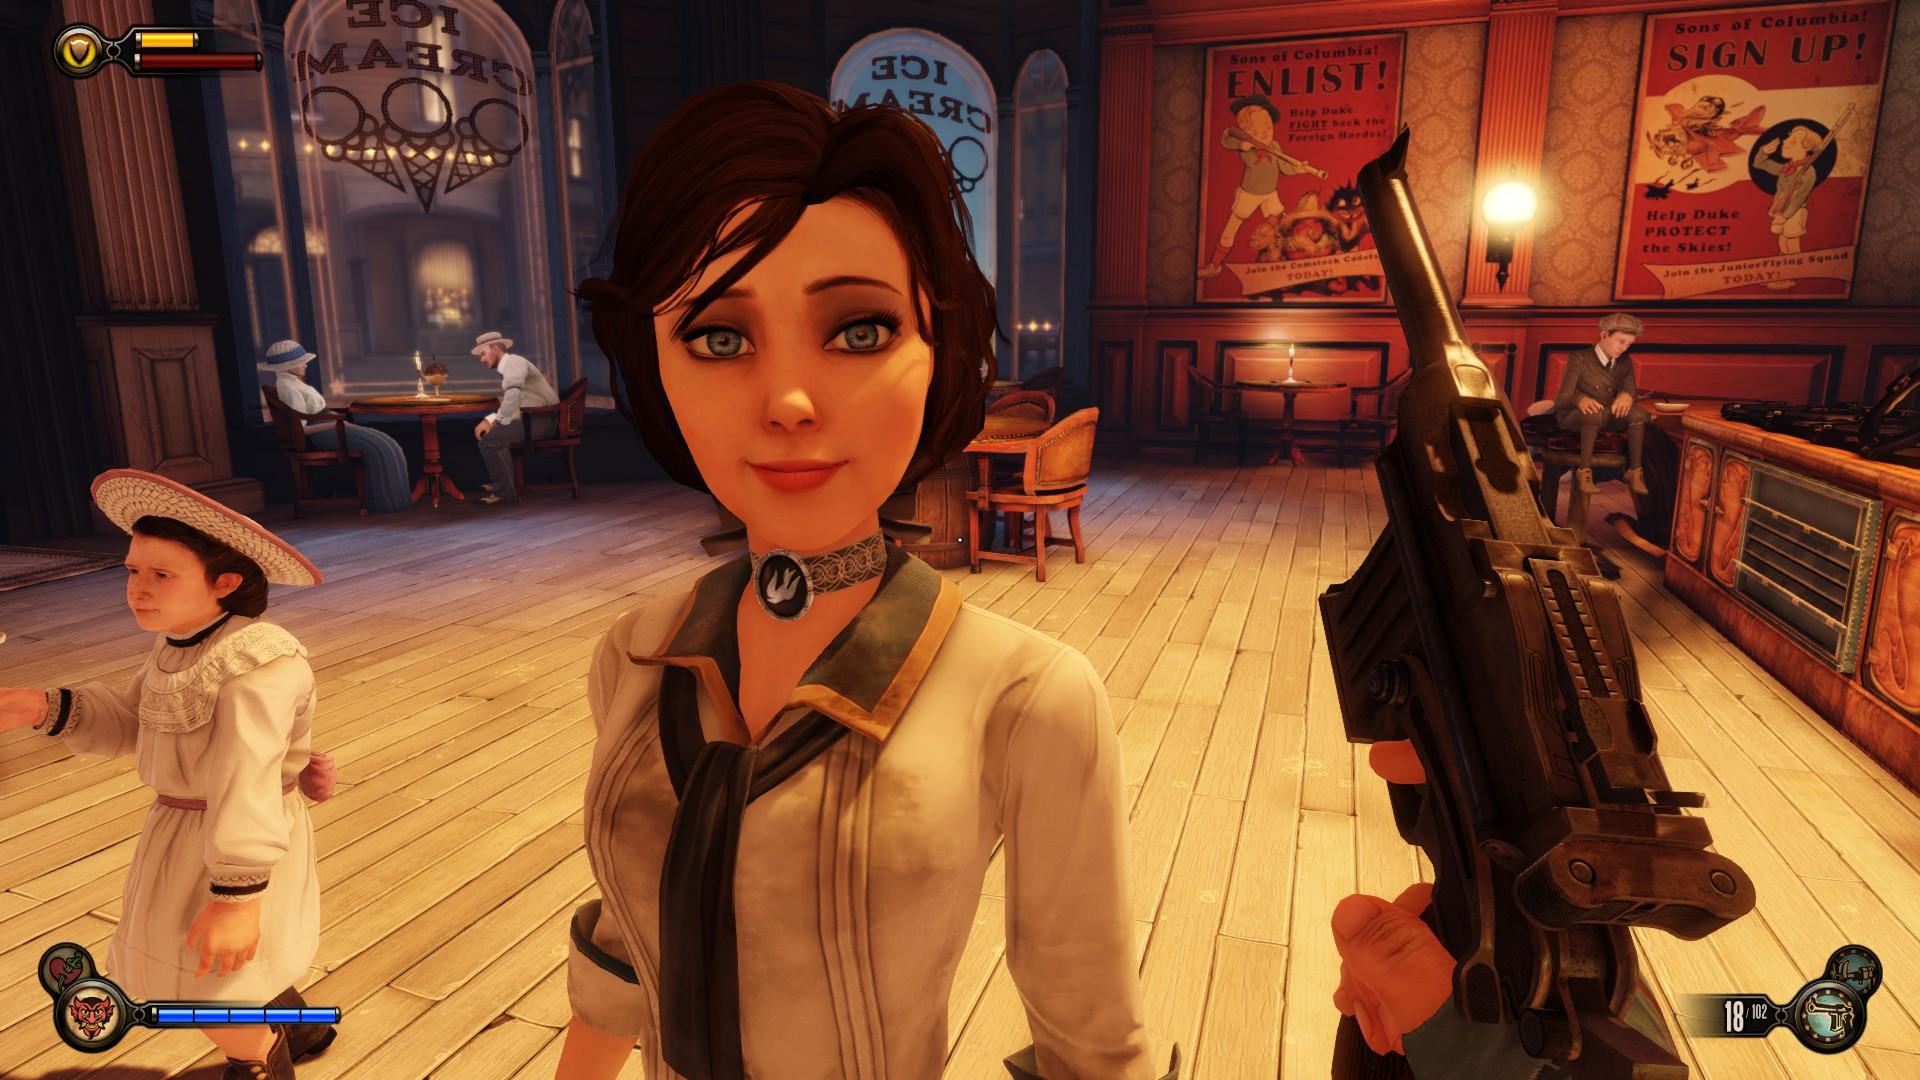 BioShock-Infinite-Scr-7.jpg - -